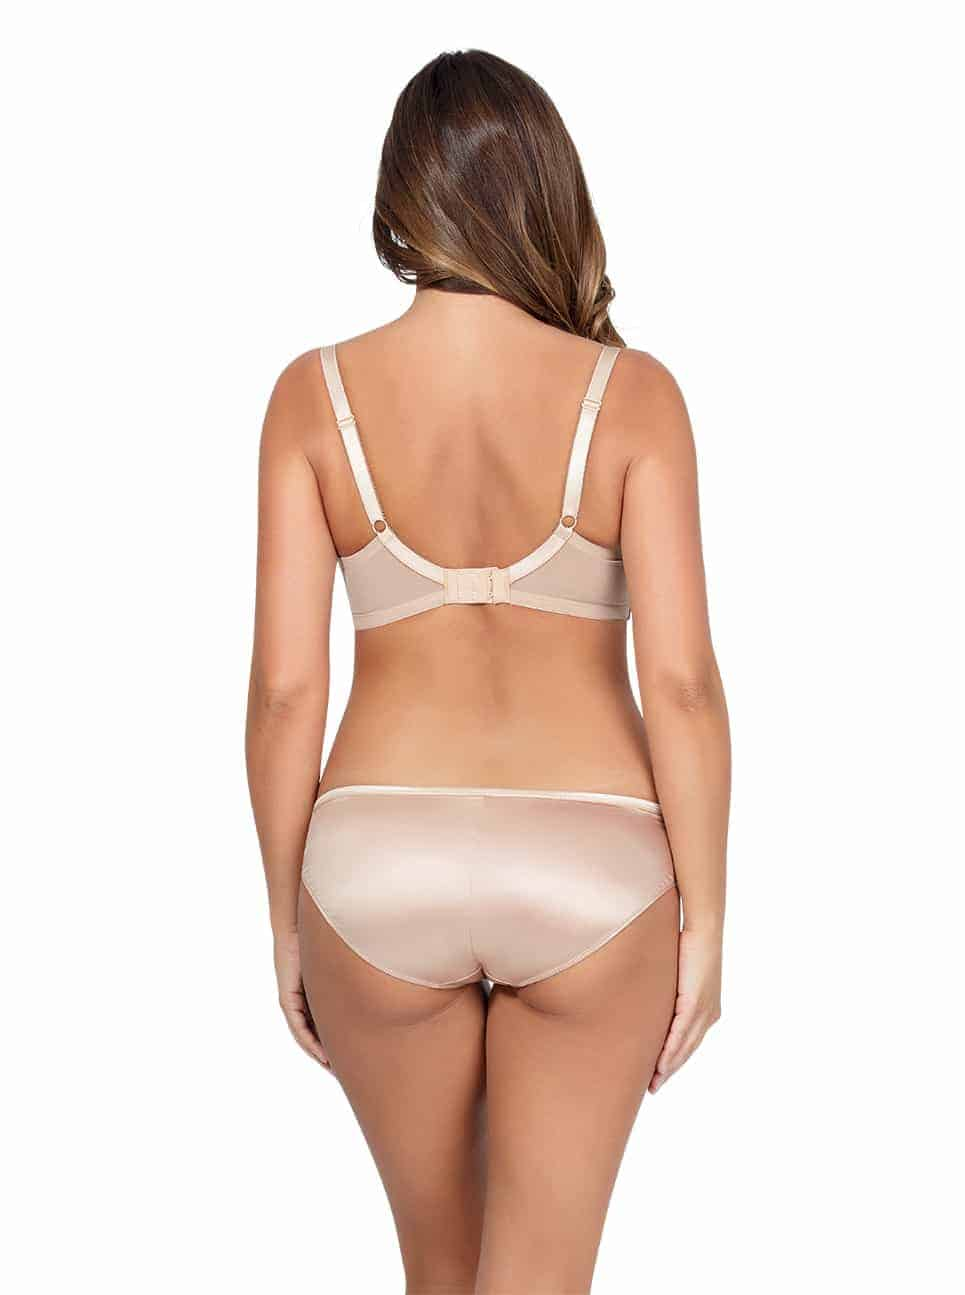 Charlotte PaddedBra6901 Bikini6905 TrueNude Back3 copy - Charlotte Bikini - True Nude - 6905